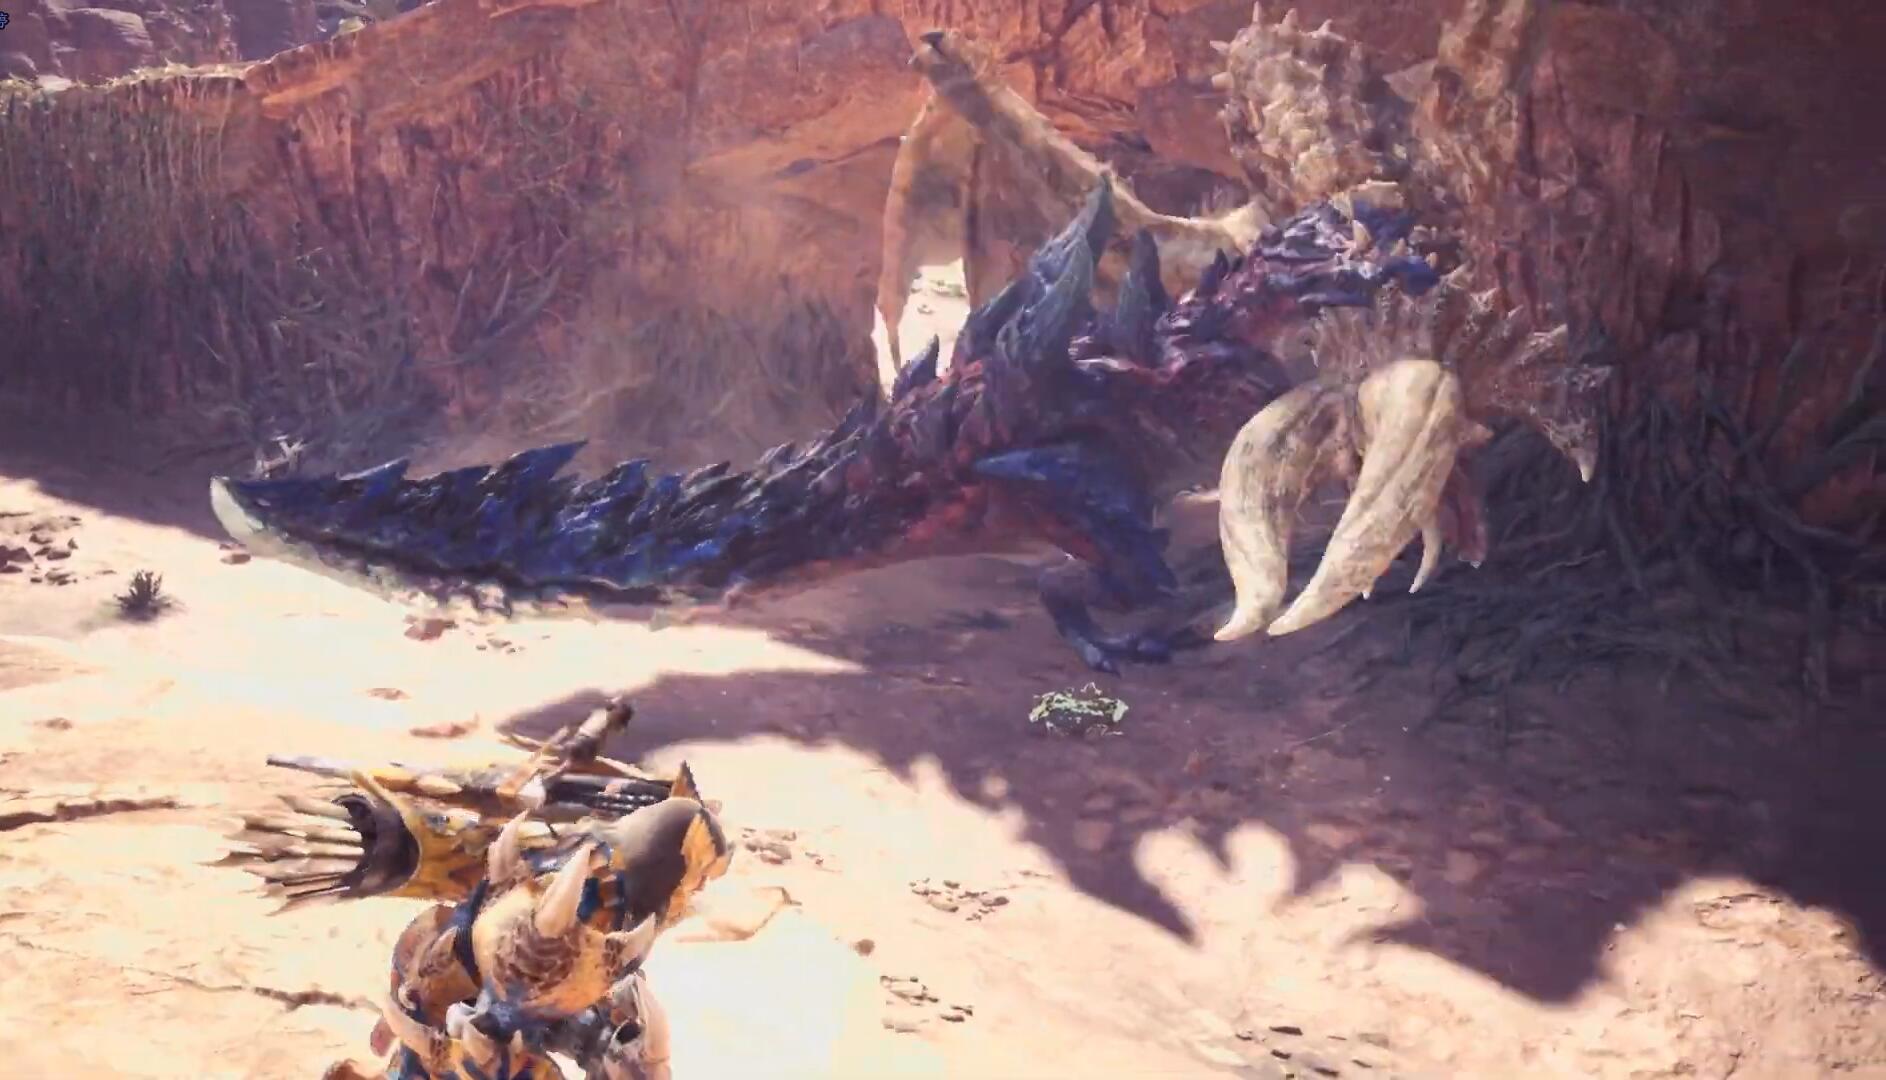 《怪物猎人 世界:冰原》新预告公布,斩龙与亚种怪物登场